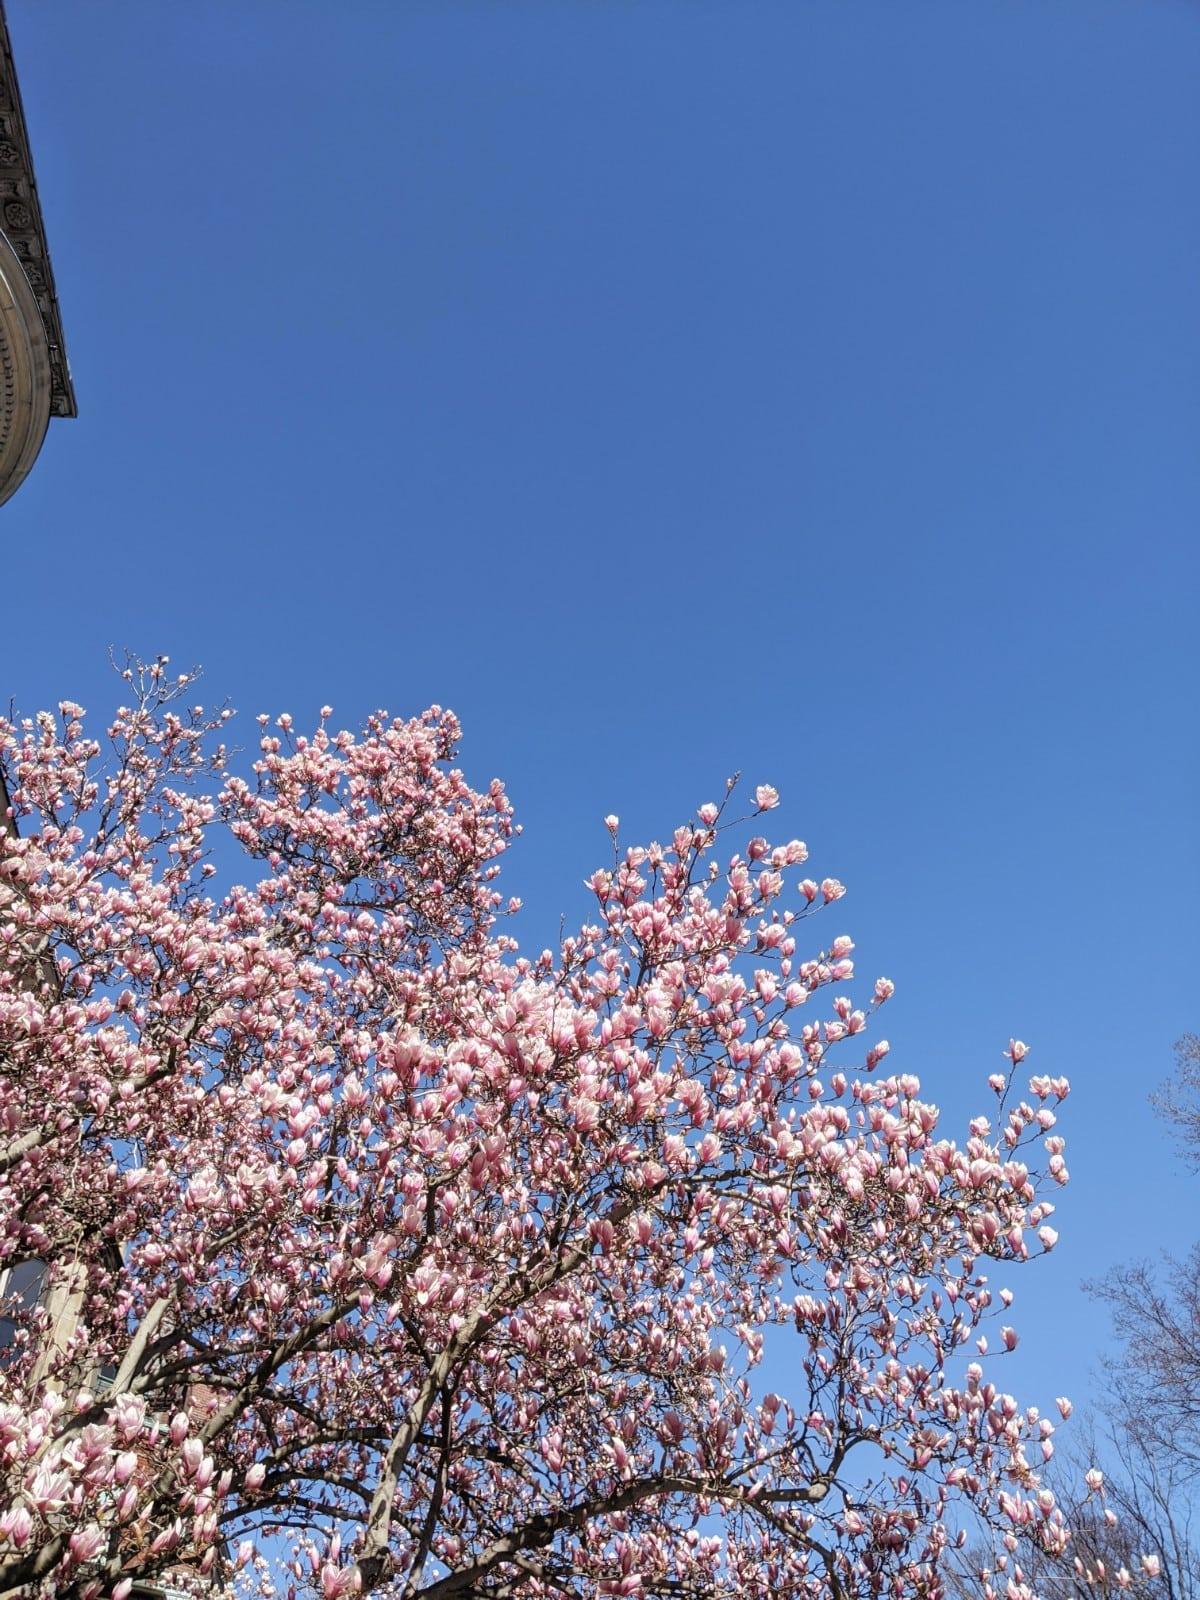 magnolias against a blue sky